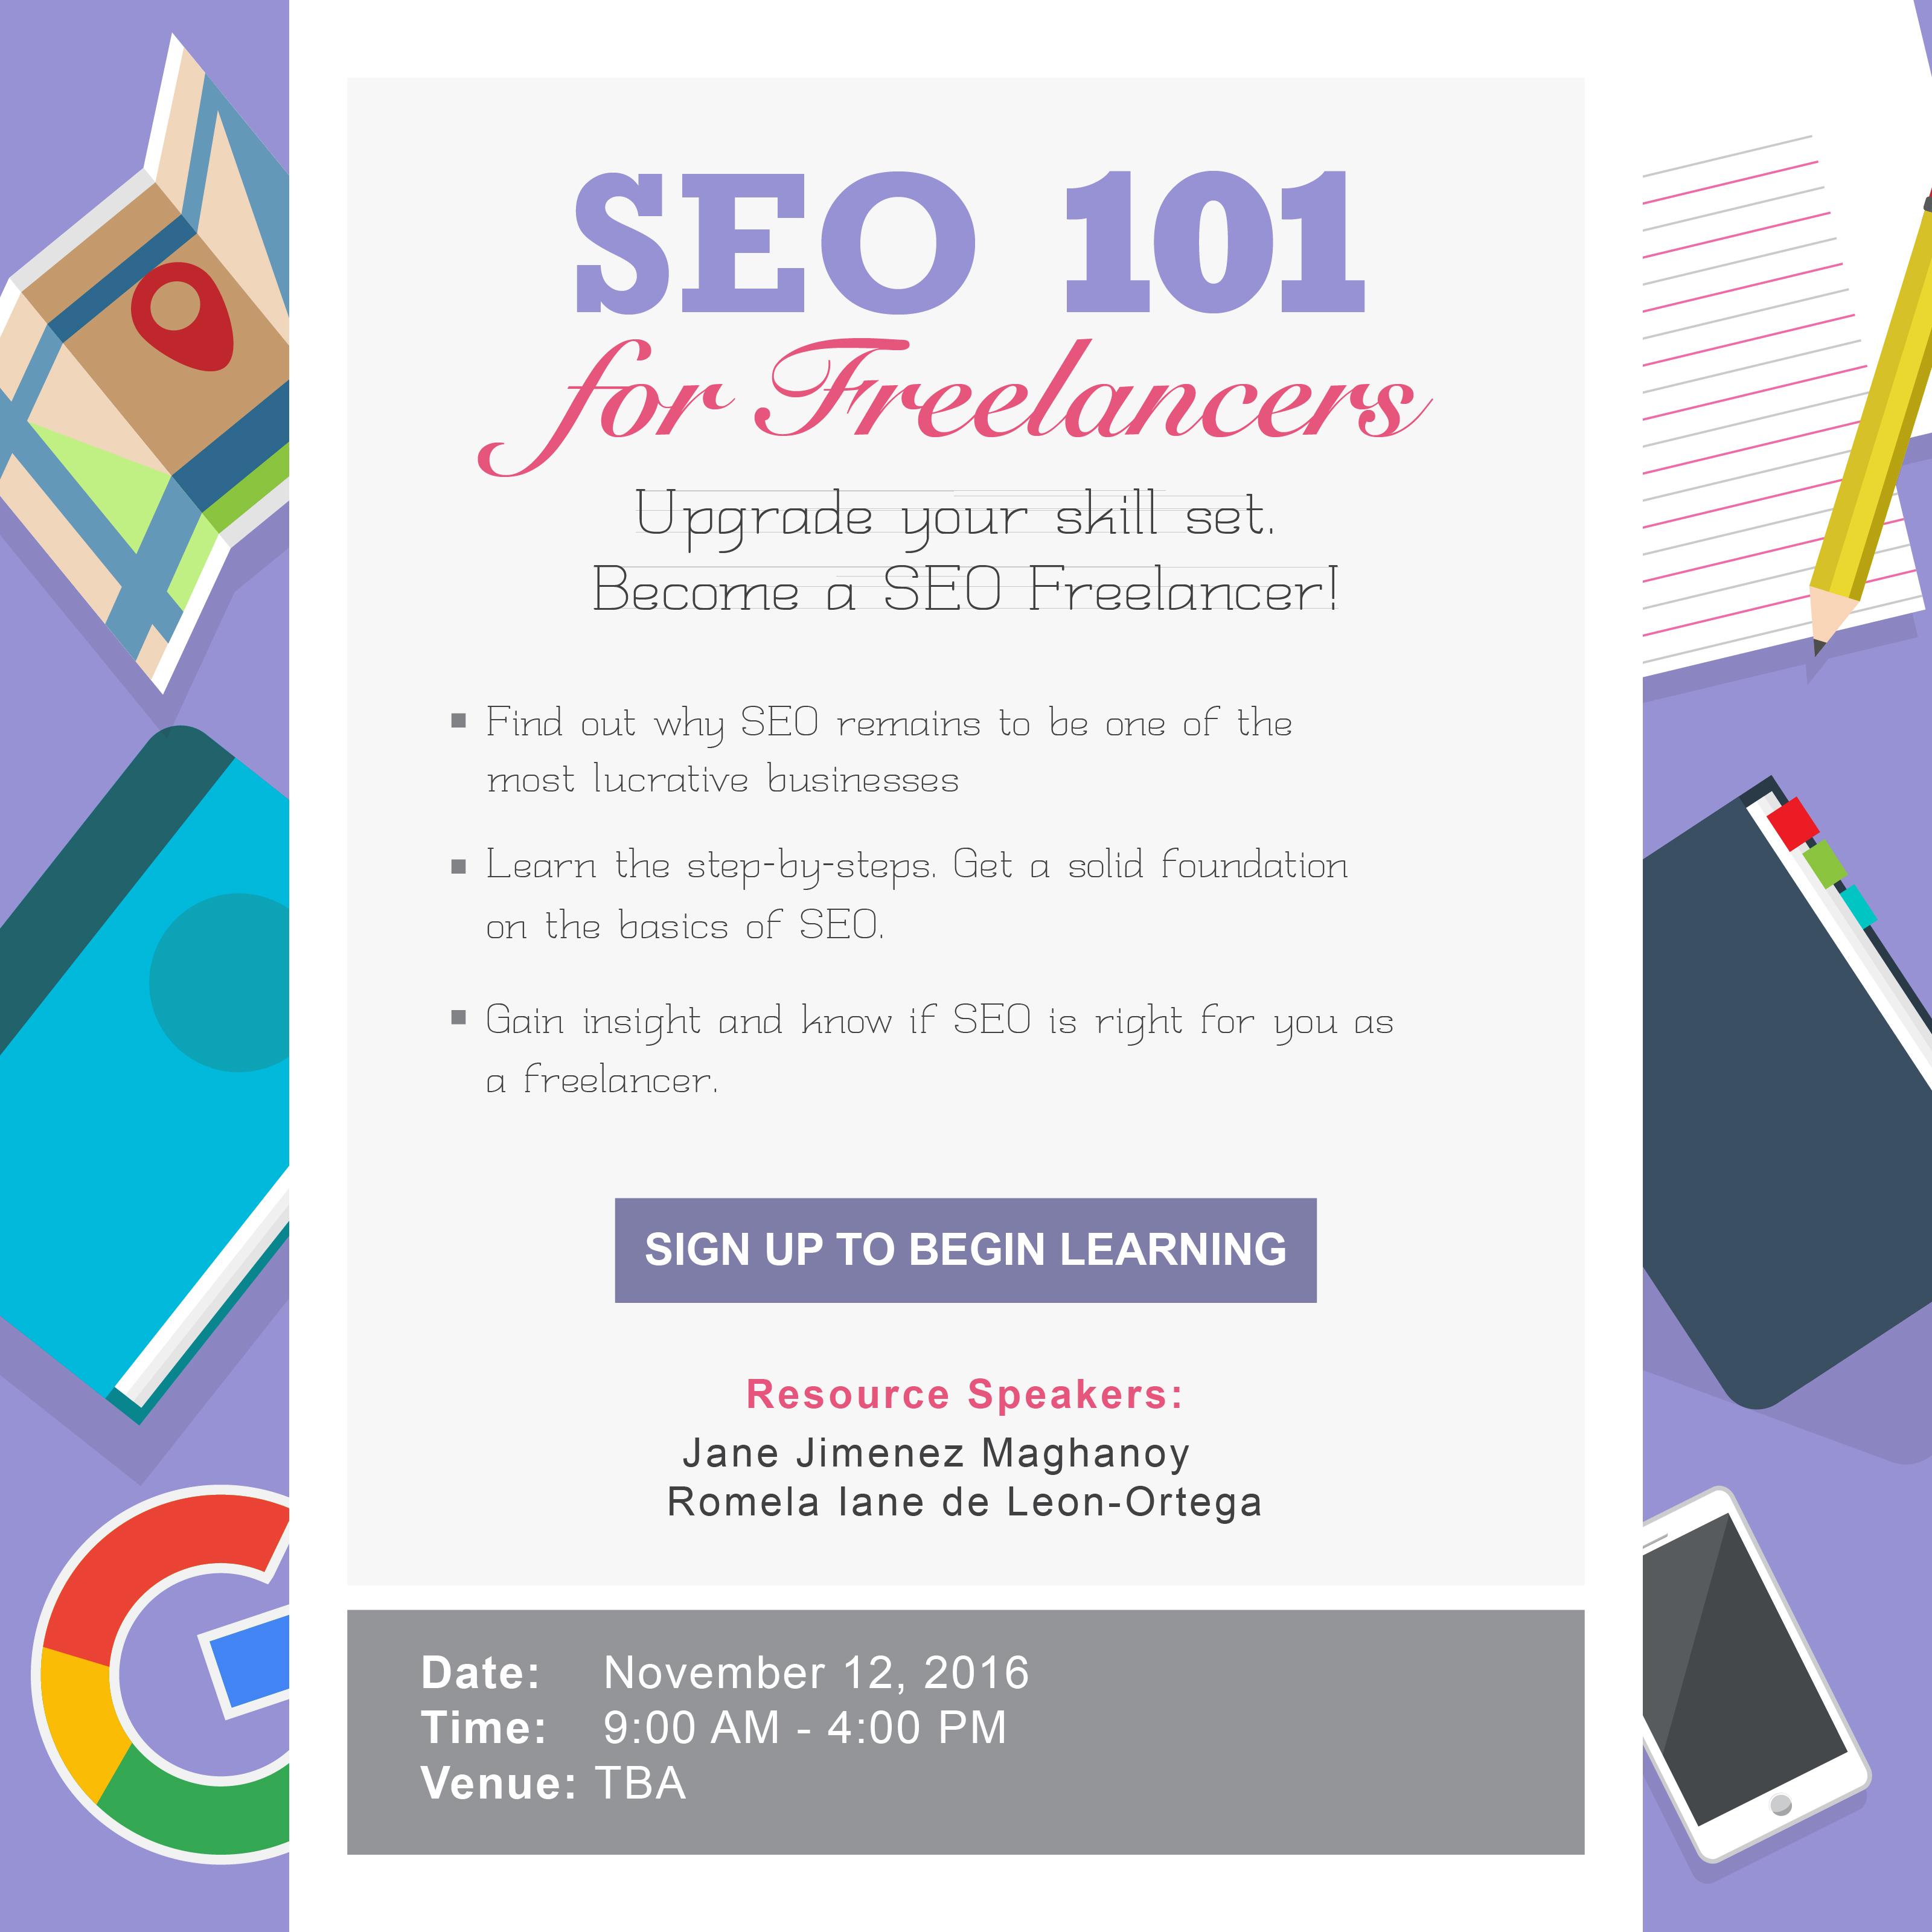 SEO 101 Basics Seminar Workshop